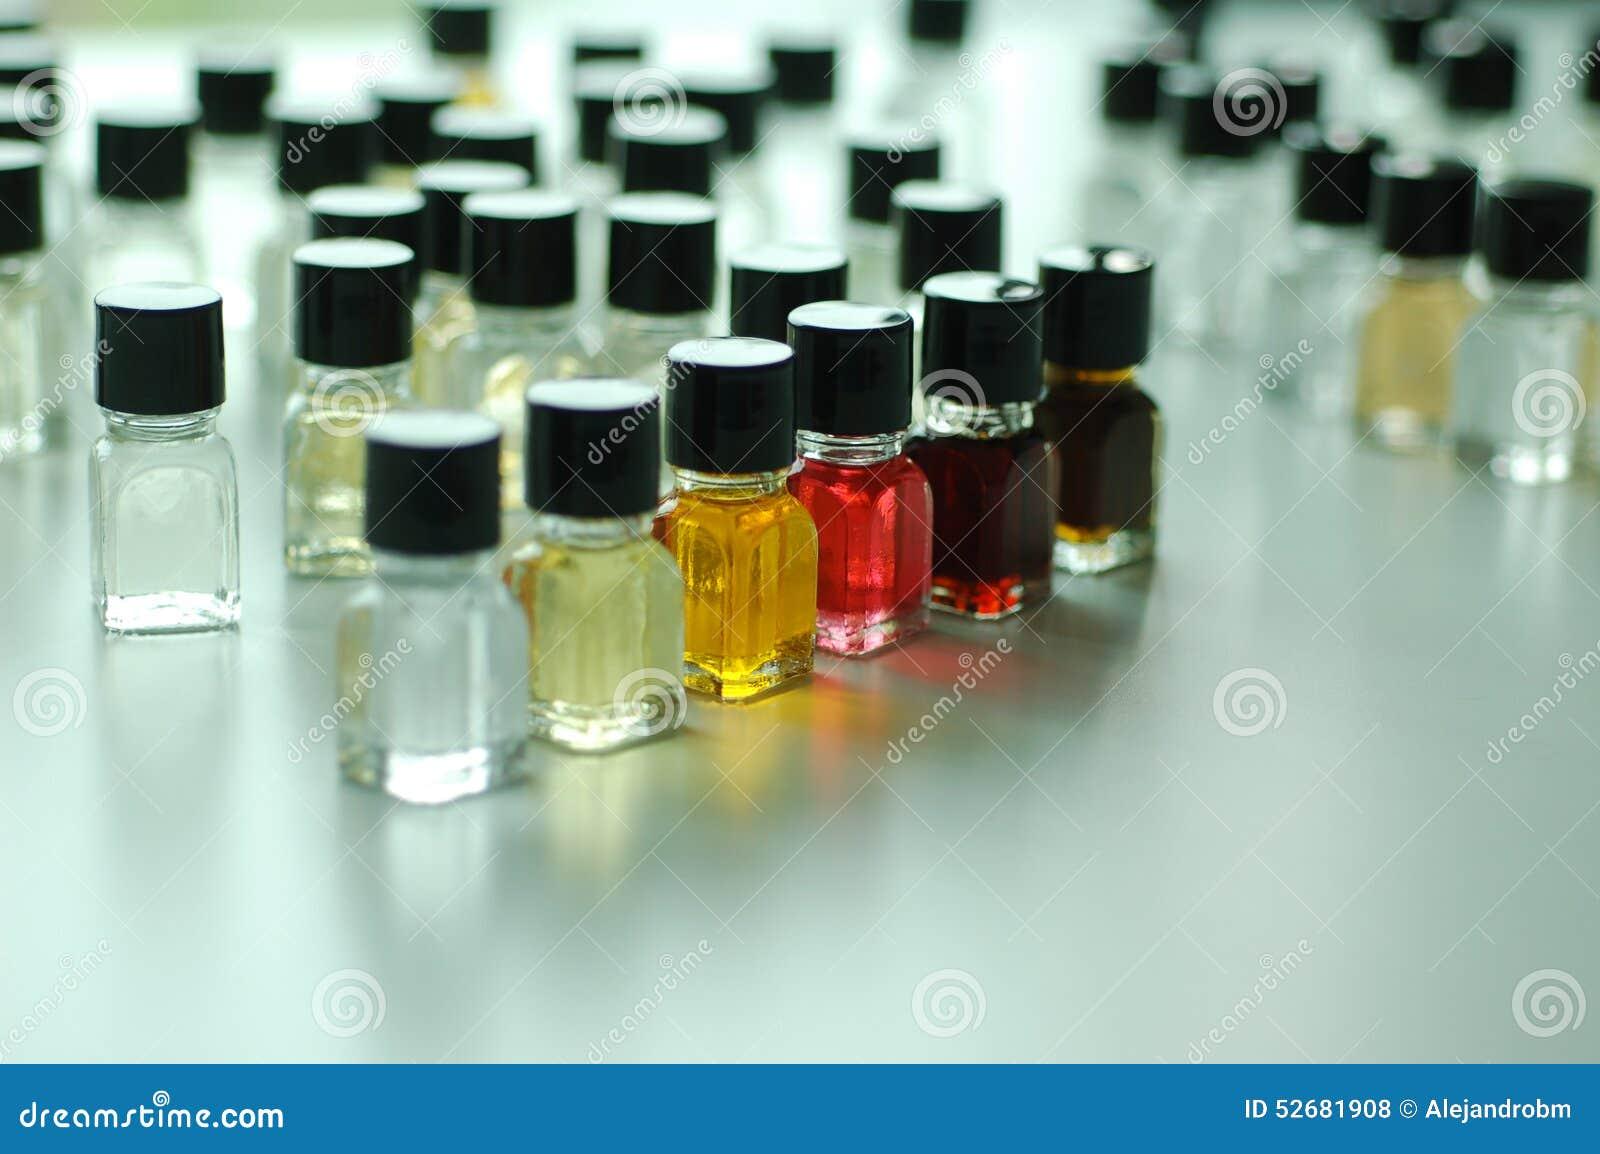 Aromas,